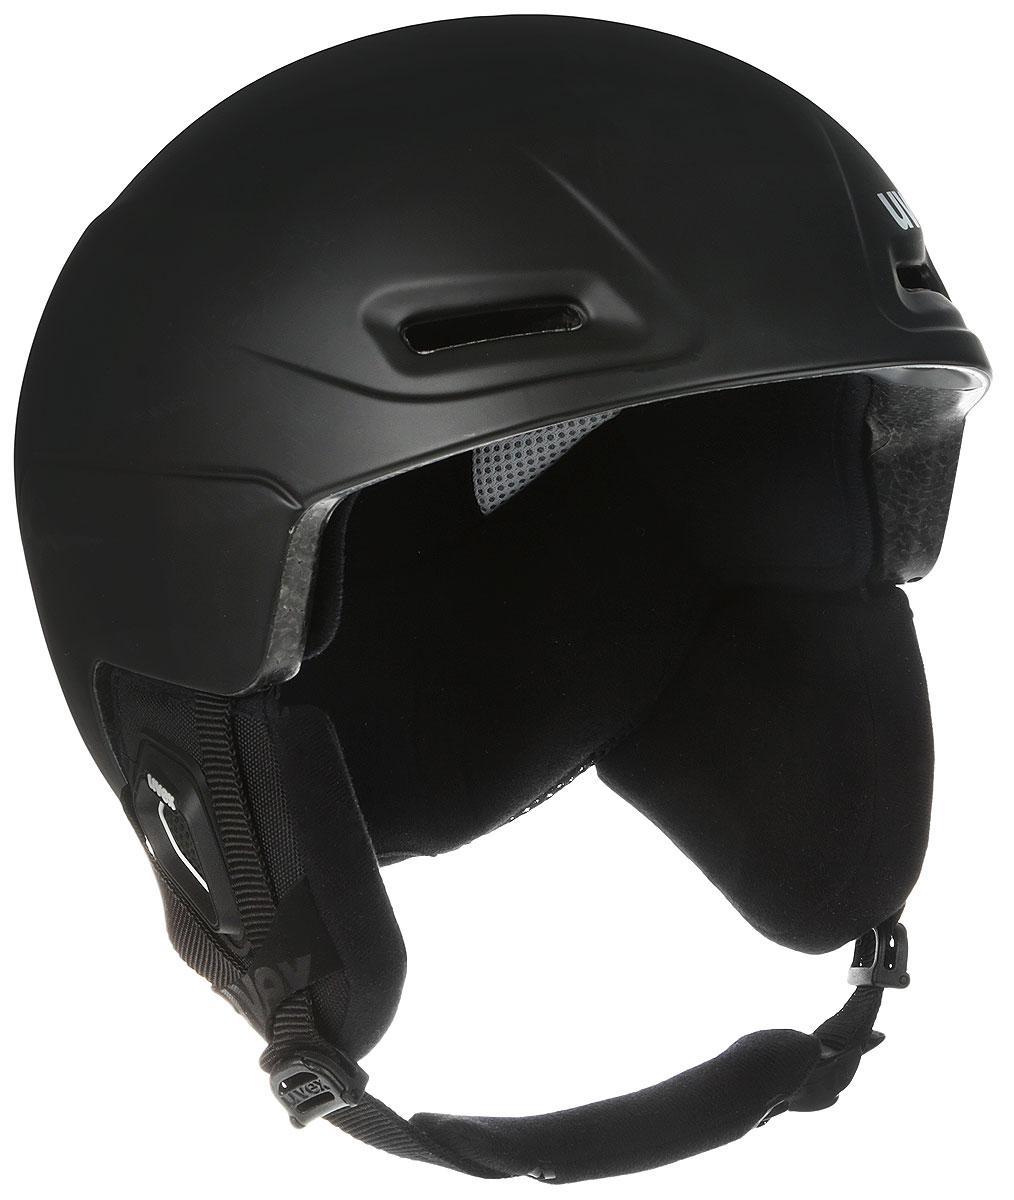 Шлем зимний Uvex JIMM, цвет: черный. Размер L6206-2007Зимний шлем Uvex JIMM с инновационной системой подгонки размера octo+. Гибкие секции внутренней ракушки принимают форму головы и запоминают ее. Дальнейшая настройка размера не требуется. Имеется регулировка размера.Особенности:- Гипоаллергенный материал подкладки;- Регулируемая система вентиляции;- Съемная защита ушей;- Фиксатор стрэпа маски; - Застежка monomatic;- Конструкция In-mould;- Регулируемая вентиляция.Сертификация EN 1077 B.